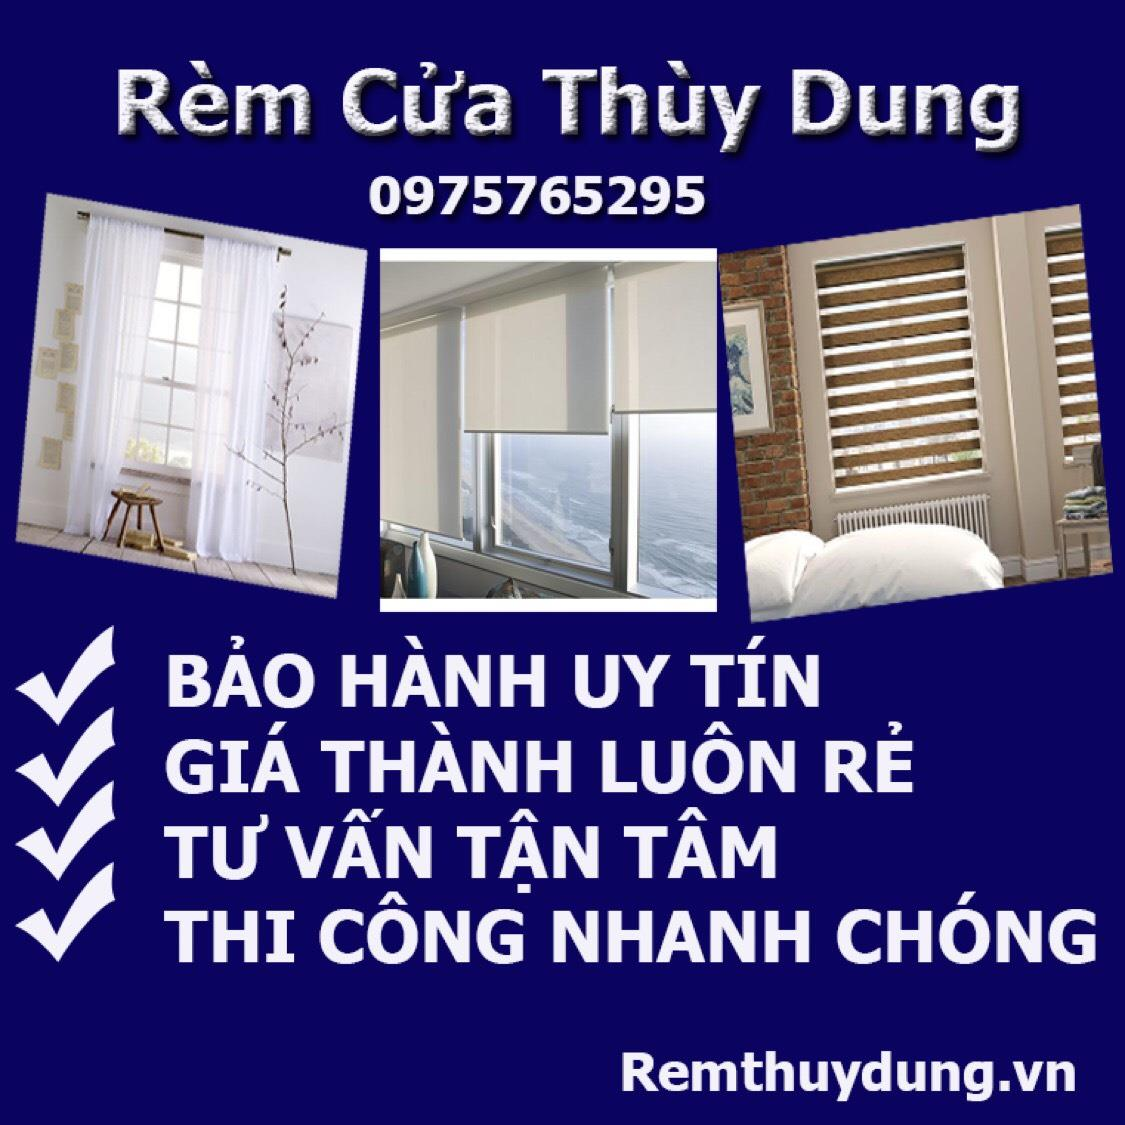 Rèm Cửa Cao Cấp, Uy Tín Giá Rẻ Tại Hà Nội, Rèm Văn Phòng Giá Rẻ Hà Nội